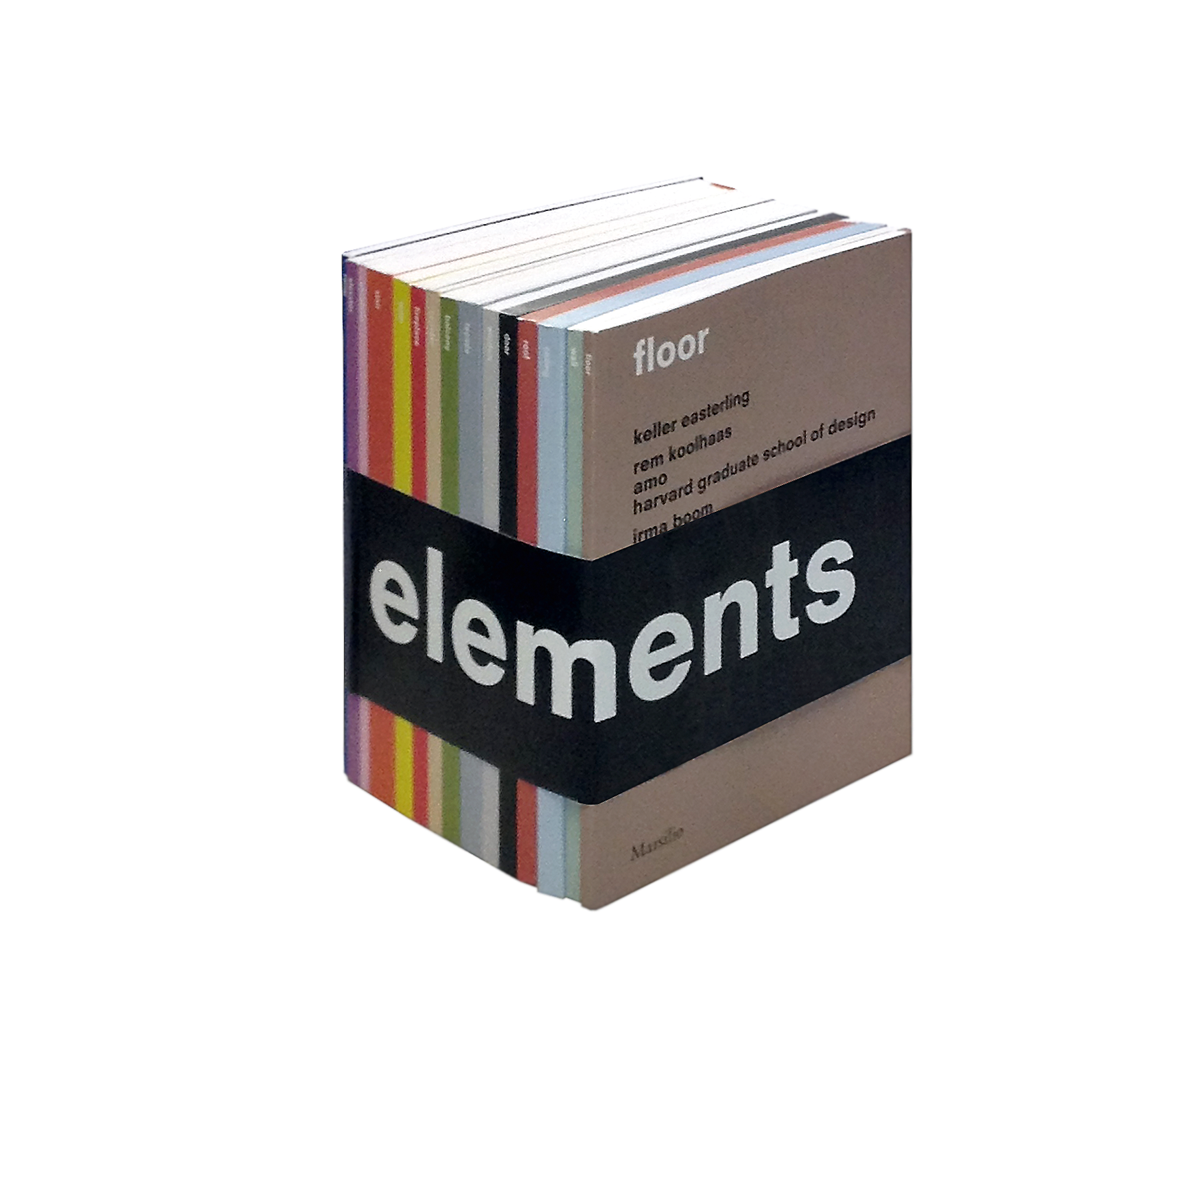 Elements: Floor, Wall, Ceiling, Roof, Door, Window, Façade, Balcony, Corridor, Fireplace, Toilet, Stair, Escalator, Elevator, Ramp